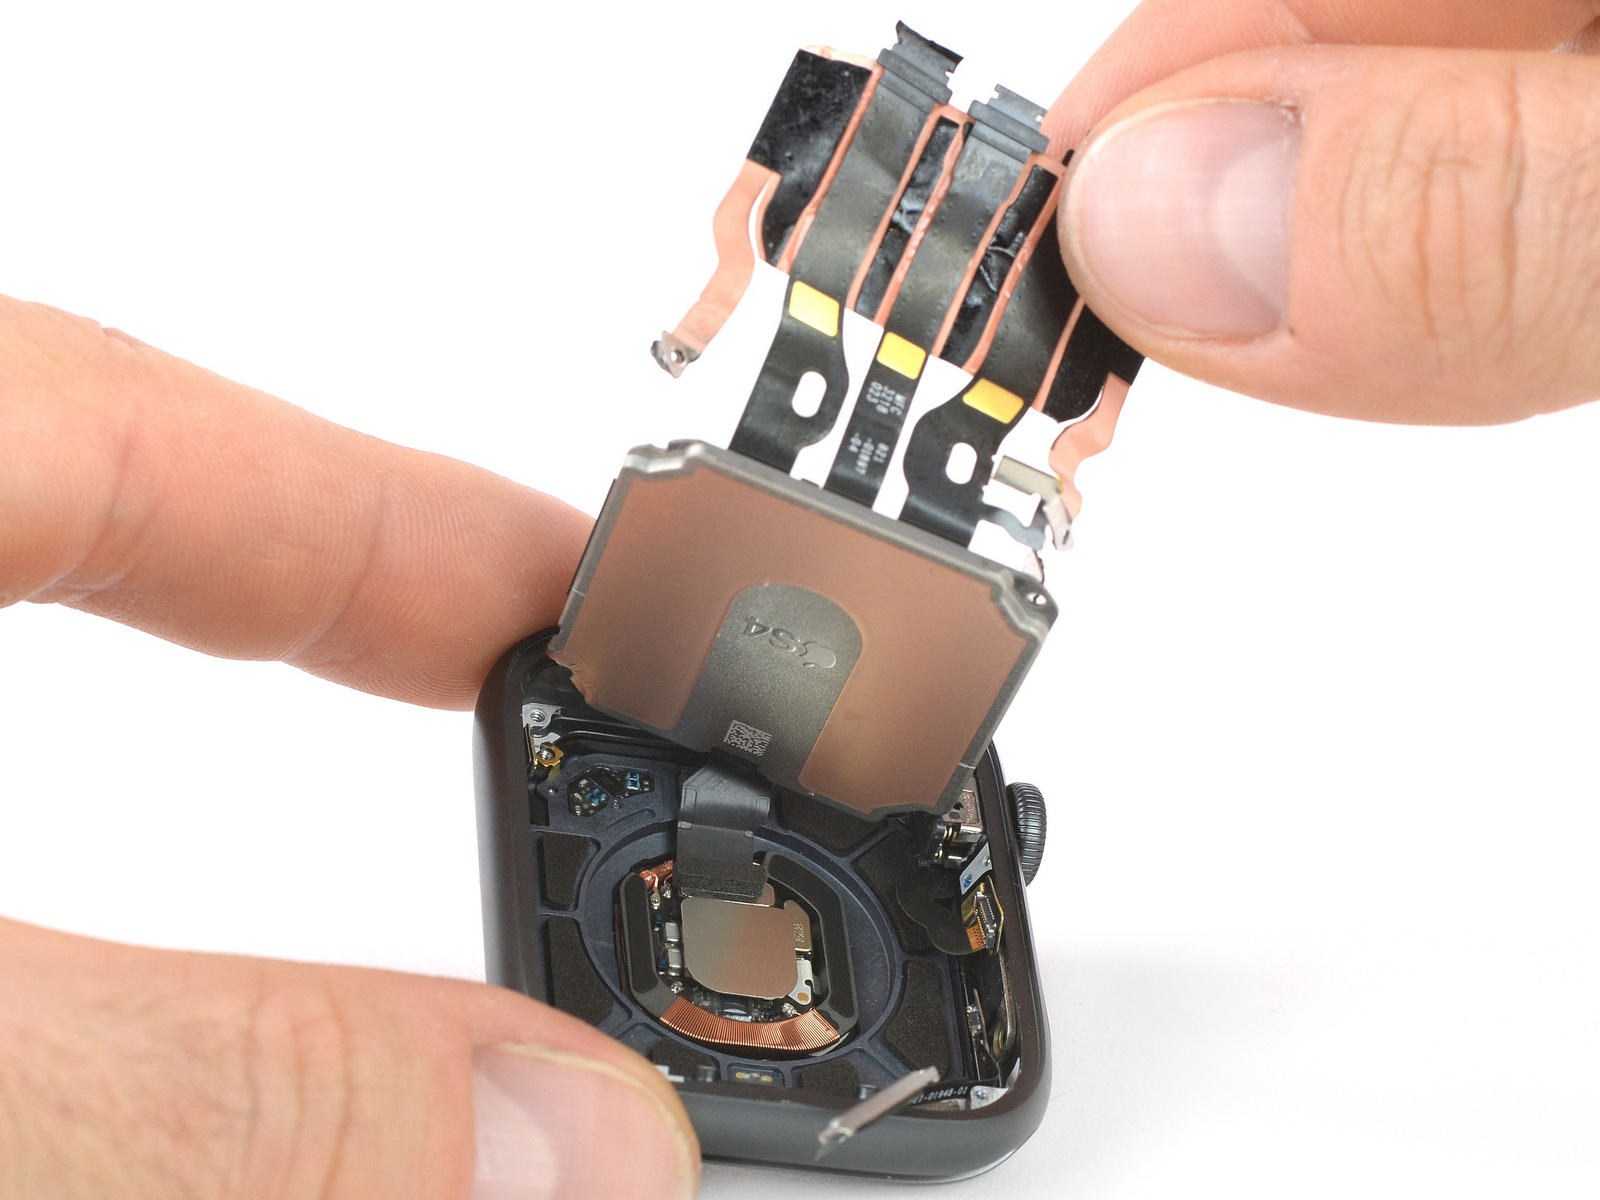 Les entrailles de l'Apple Watch 4 dévoilent quelques changements par rapport à la Series 3 1